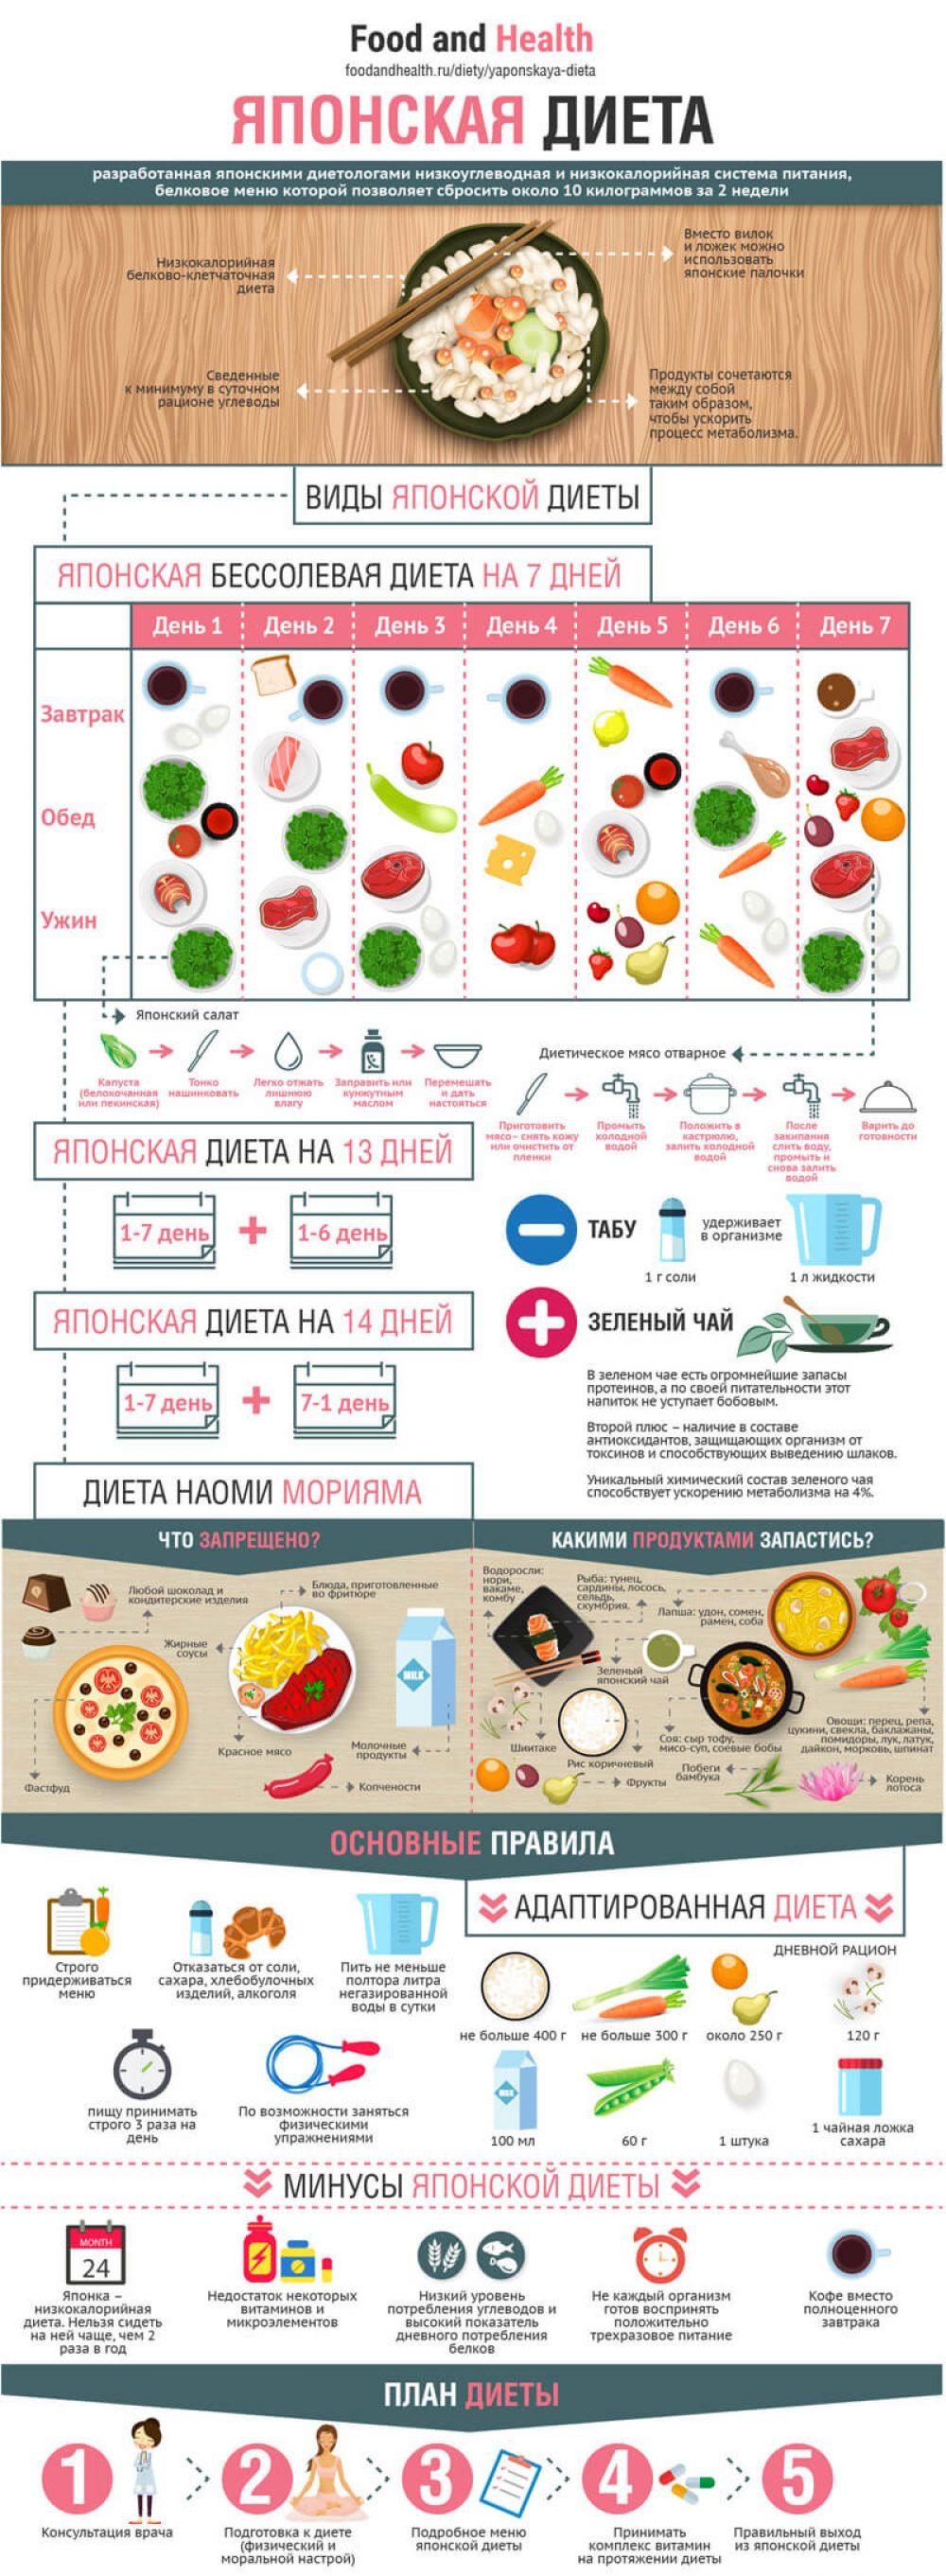 японская диета правильно похудения часть